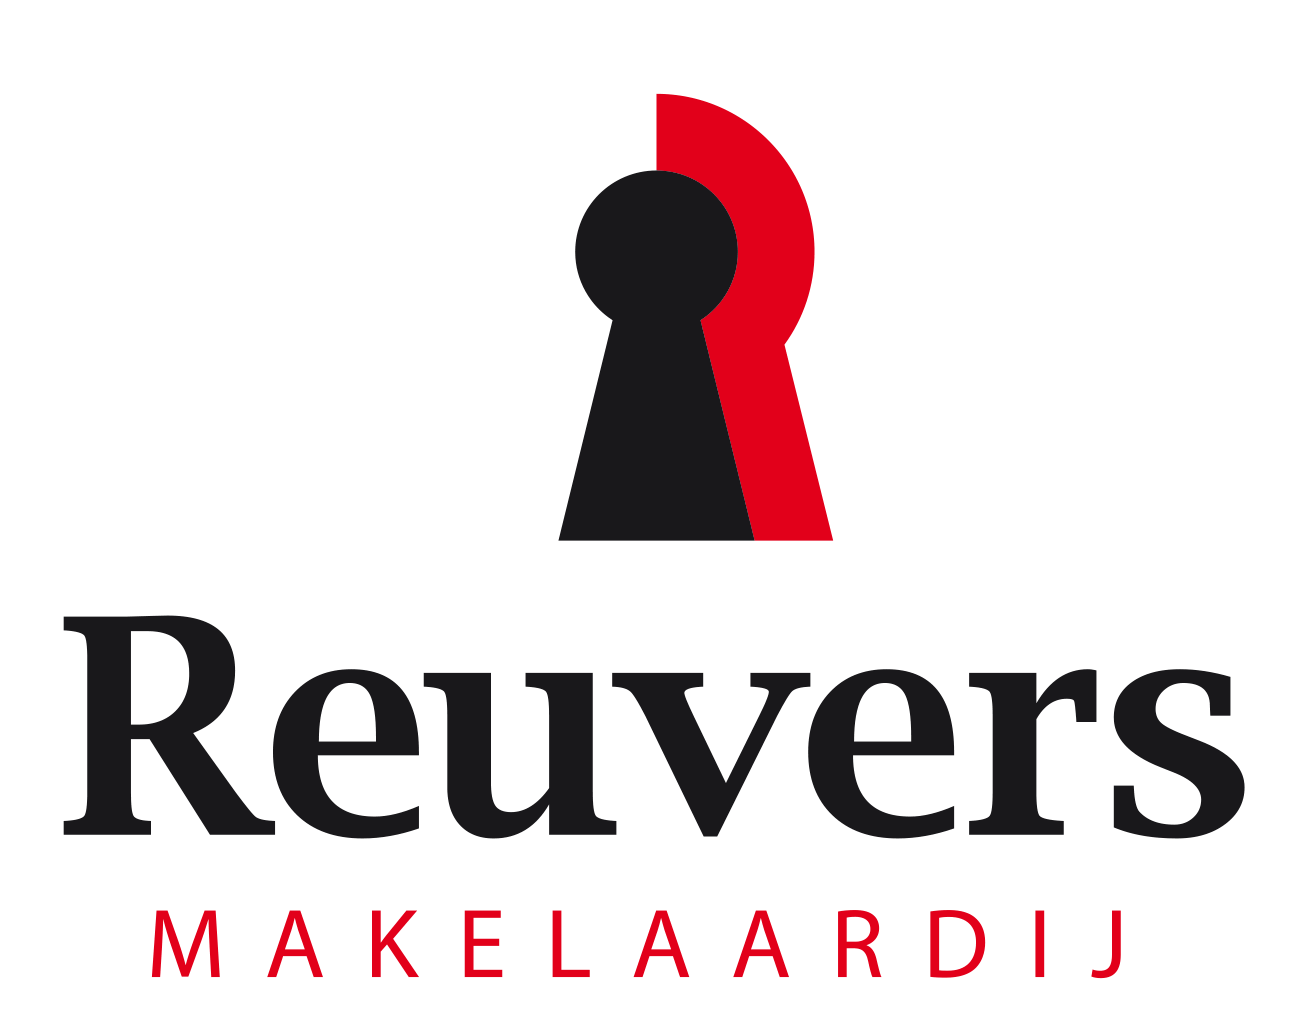 Reuvers-makelaardij---logo